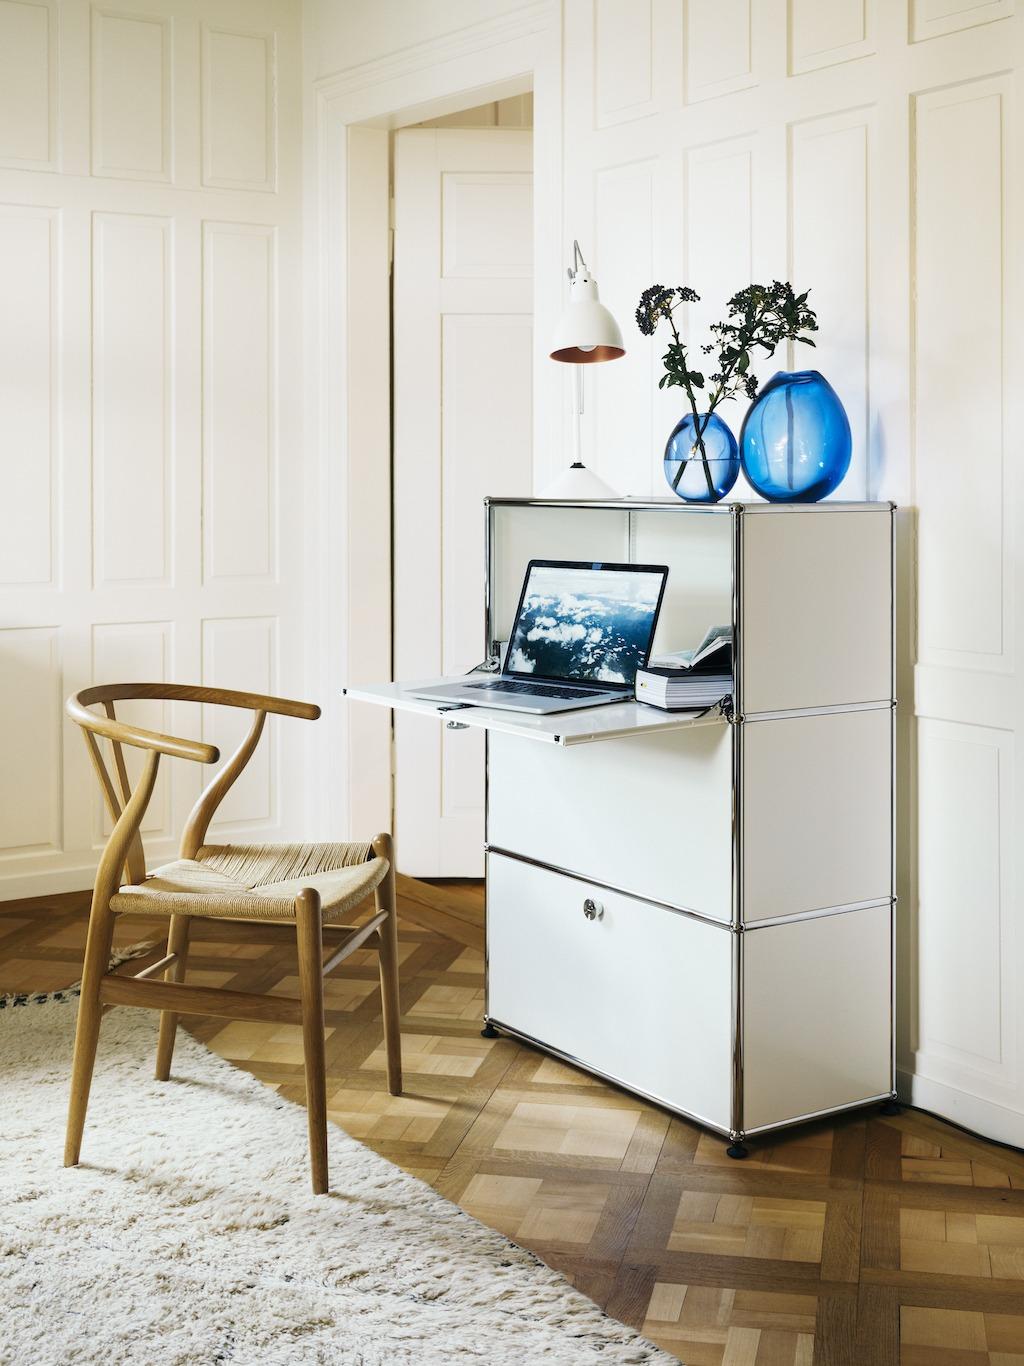 Hilfe für einen effektiven Arbeitsplatz: unsere Homeoffice-Tipps